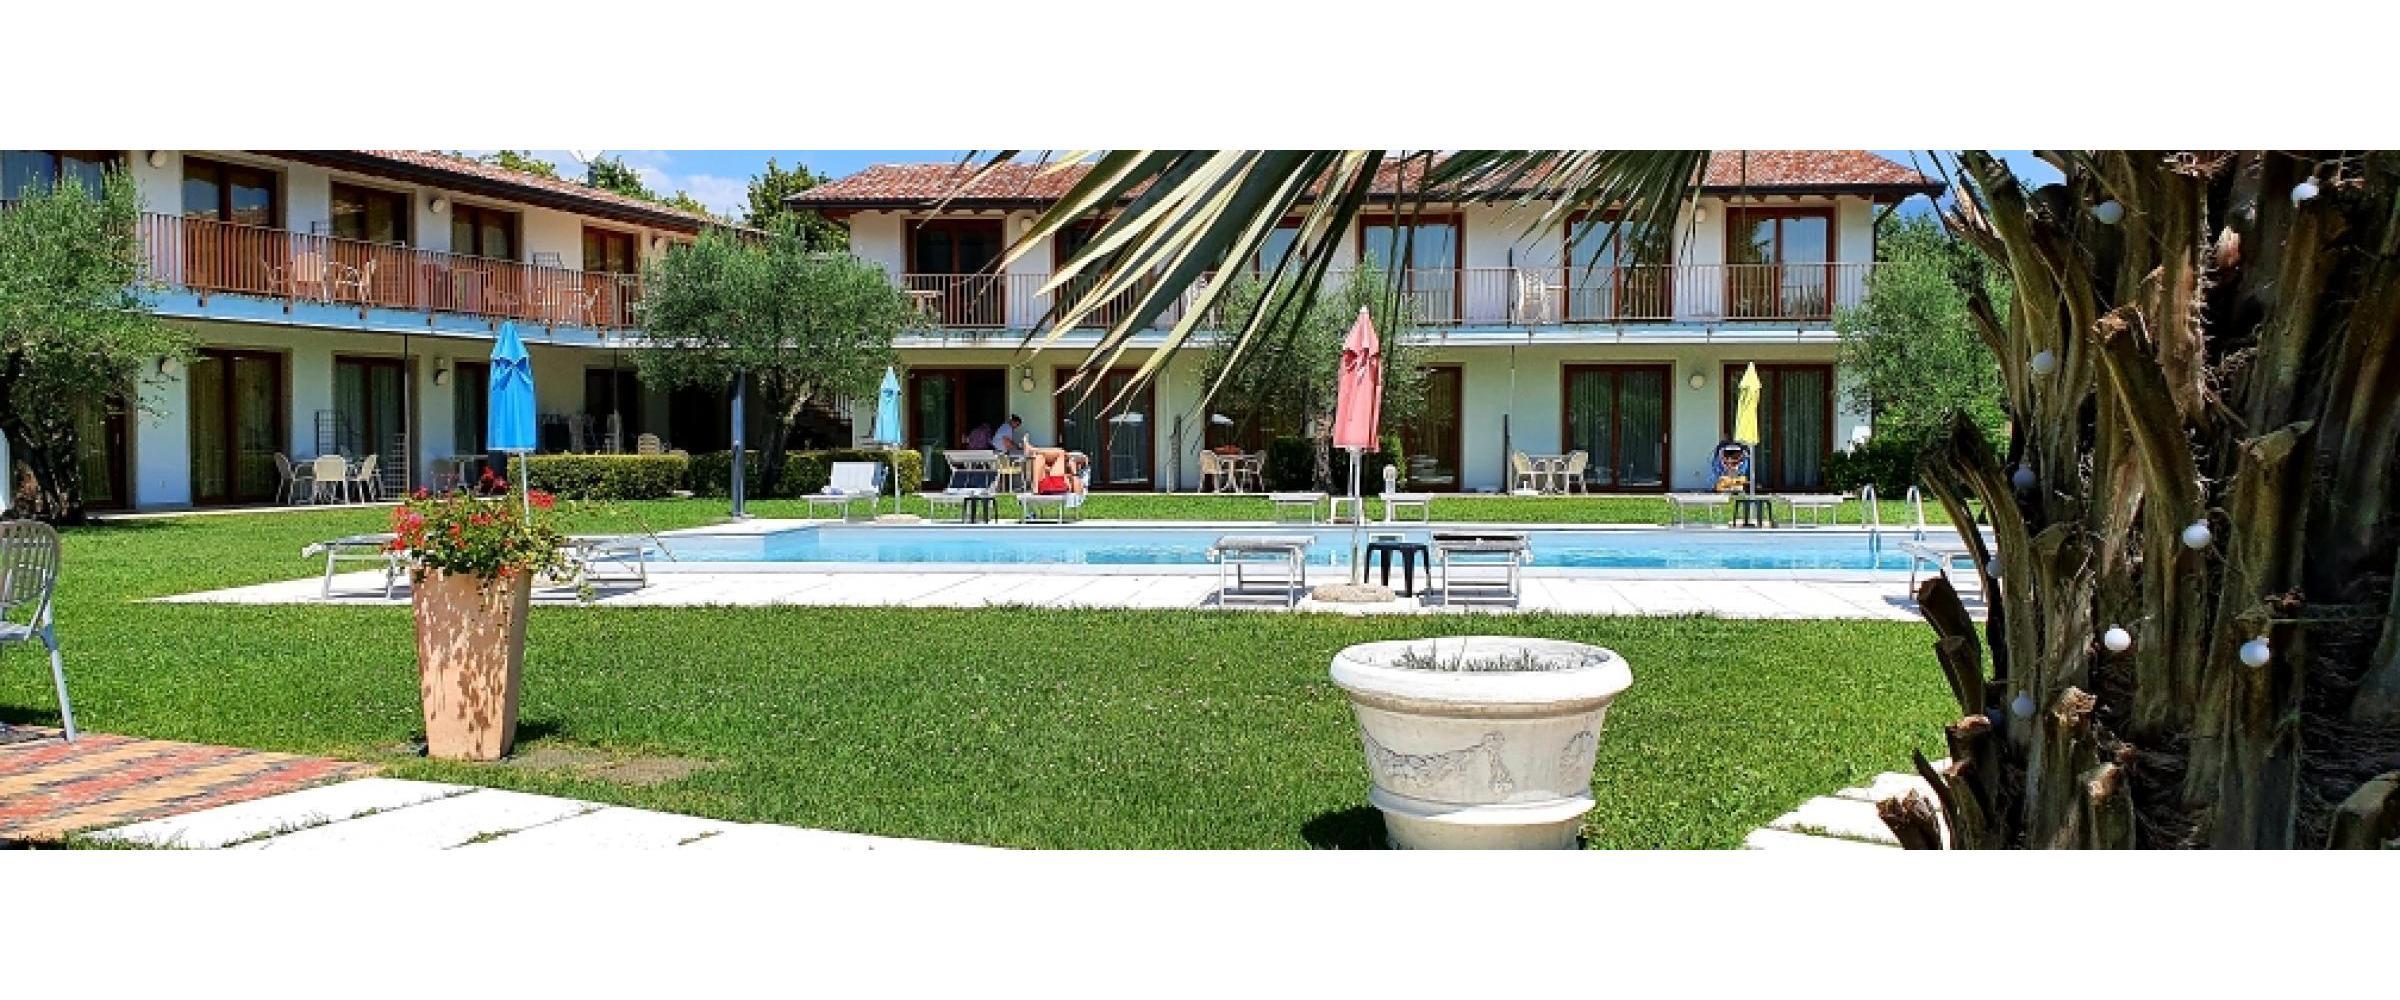 Offerte per appartamenti vacanza sul lago di Garda